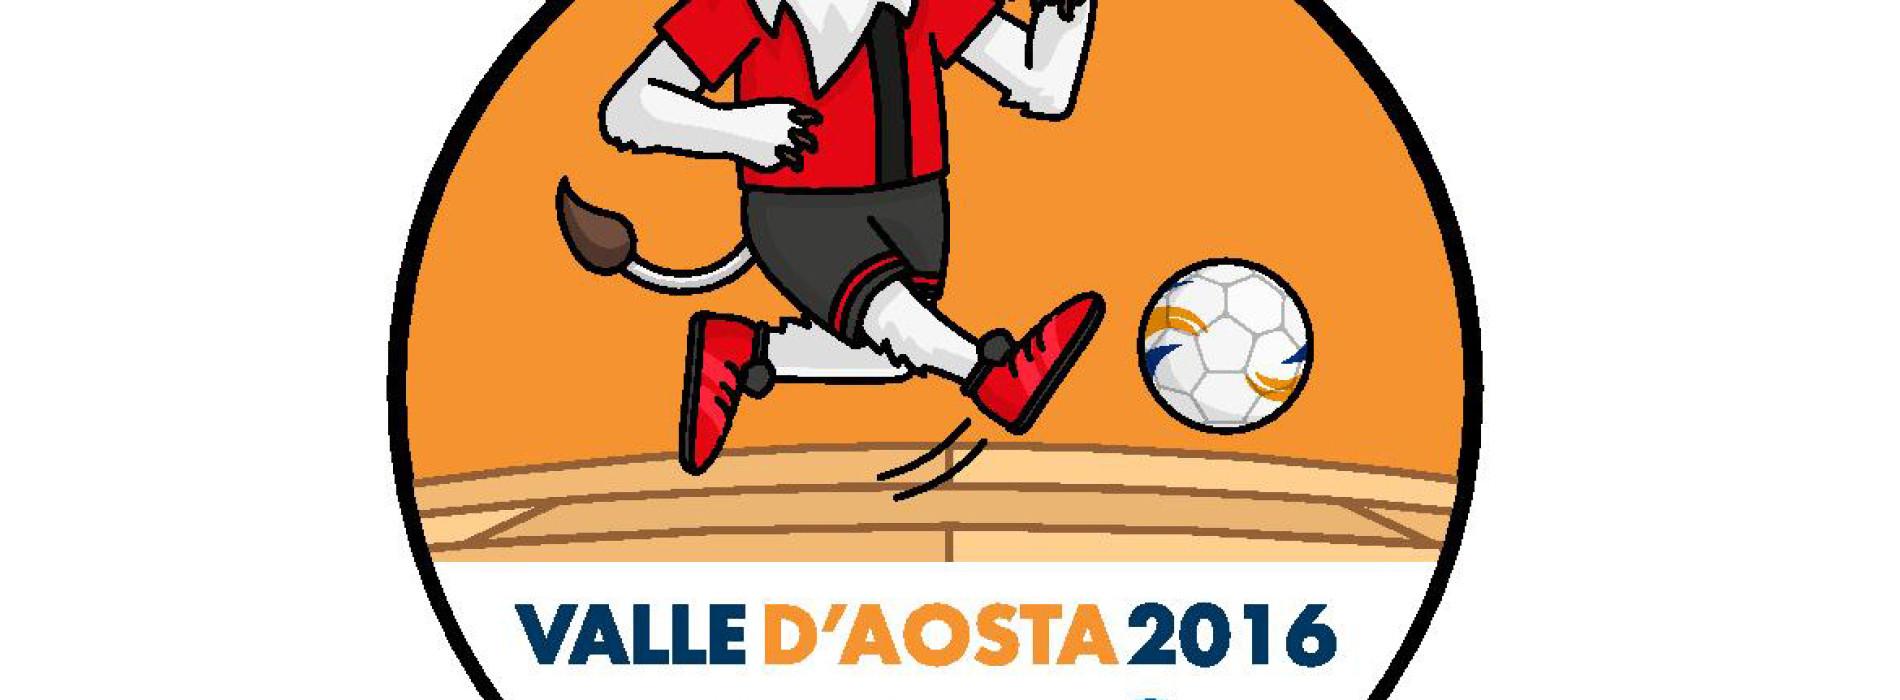 Torneo delle Regioni Futsal 2016, gli atleti convocati